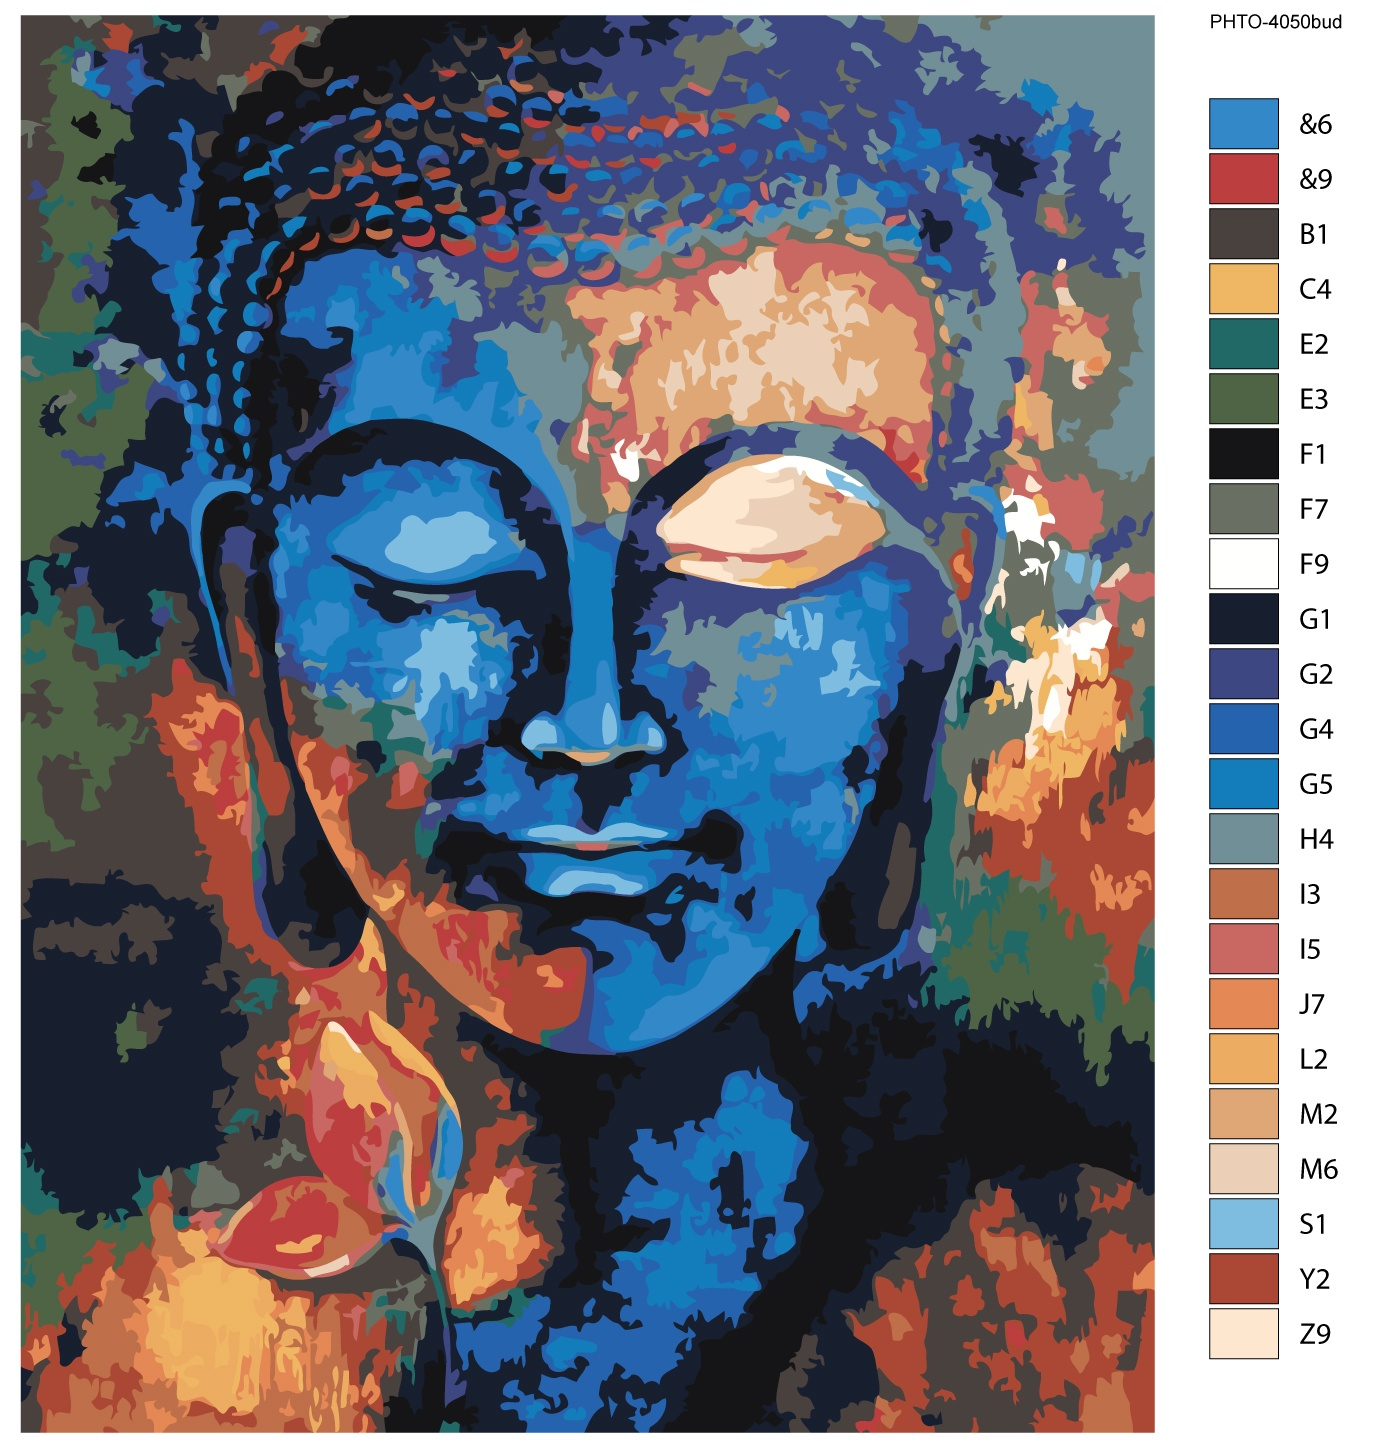 Картина по номерам, 80 x 100 см, PHTO-4050bud